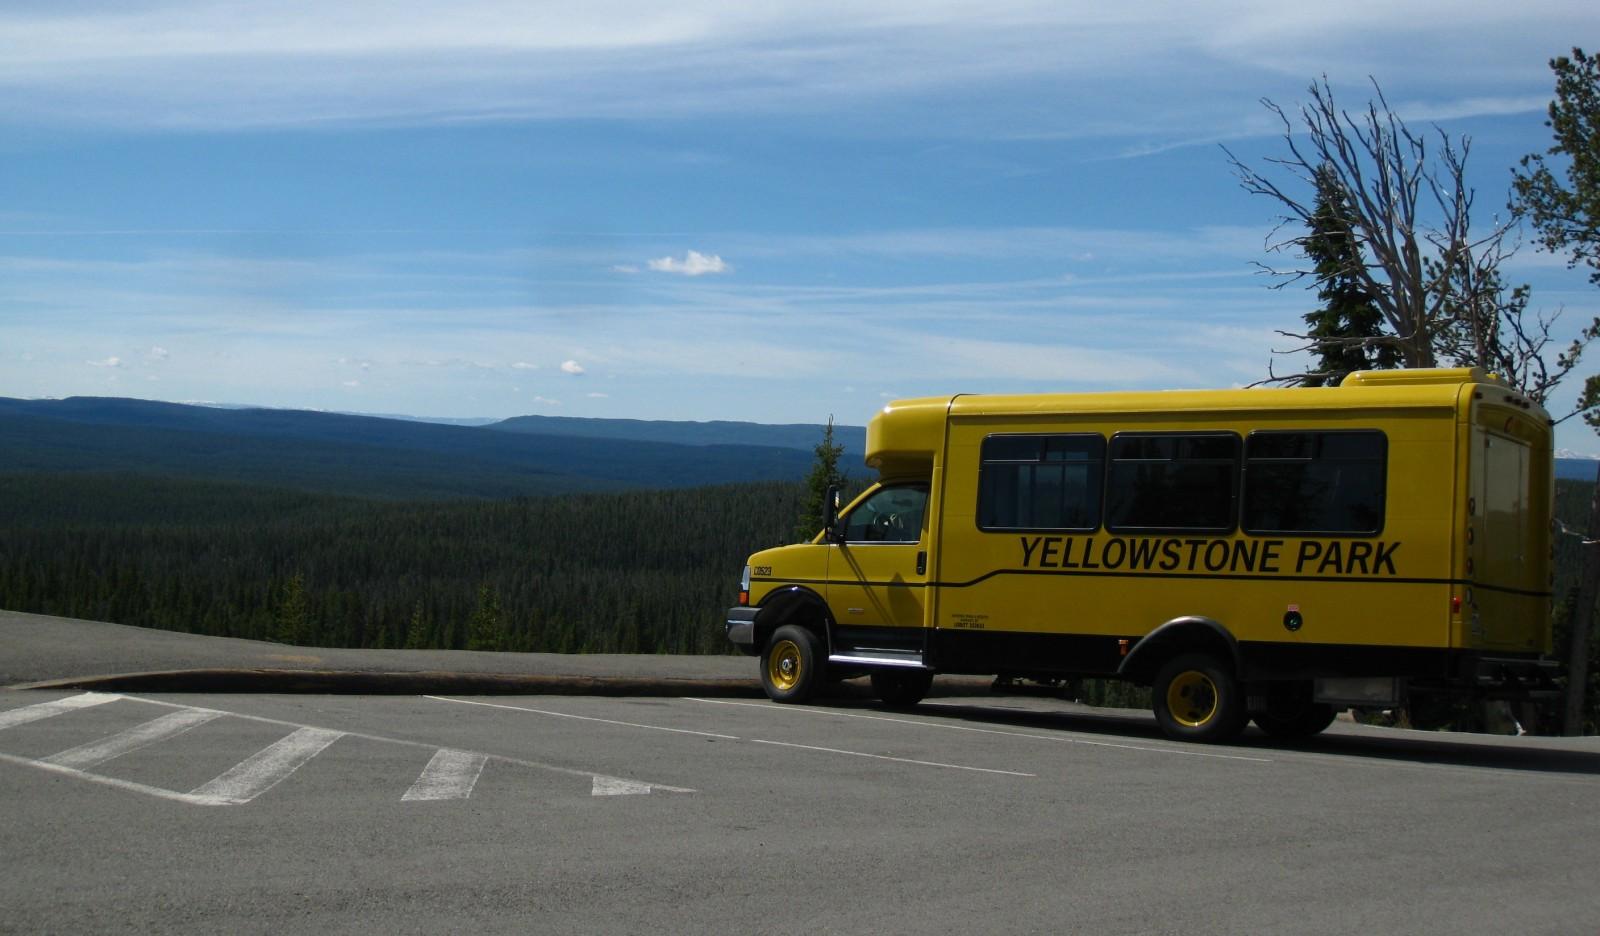 Jeloustonas Nacionalais parks